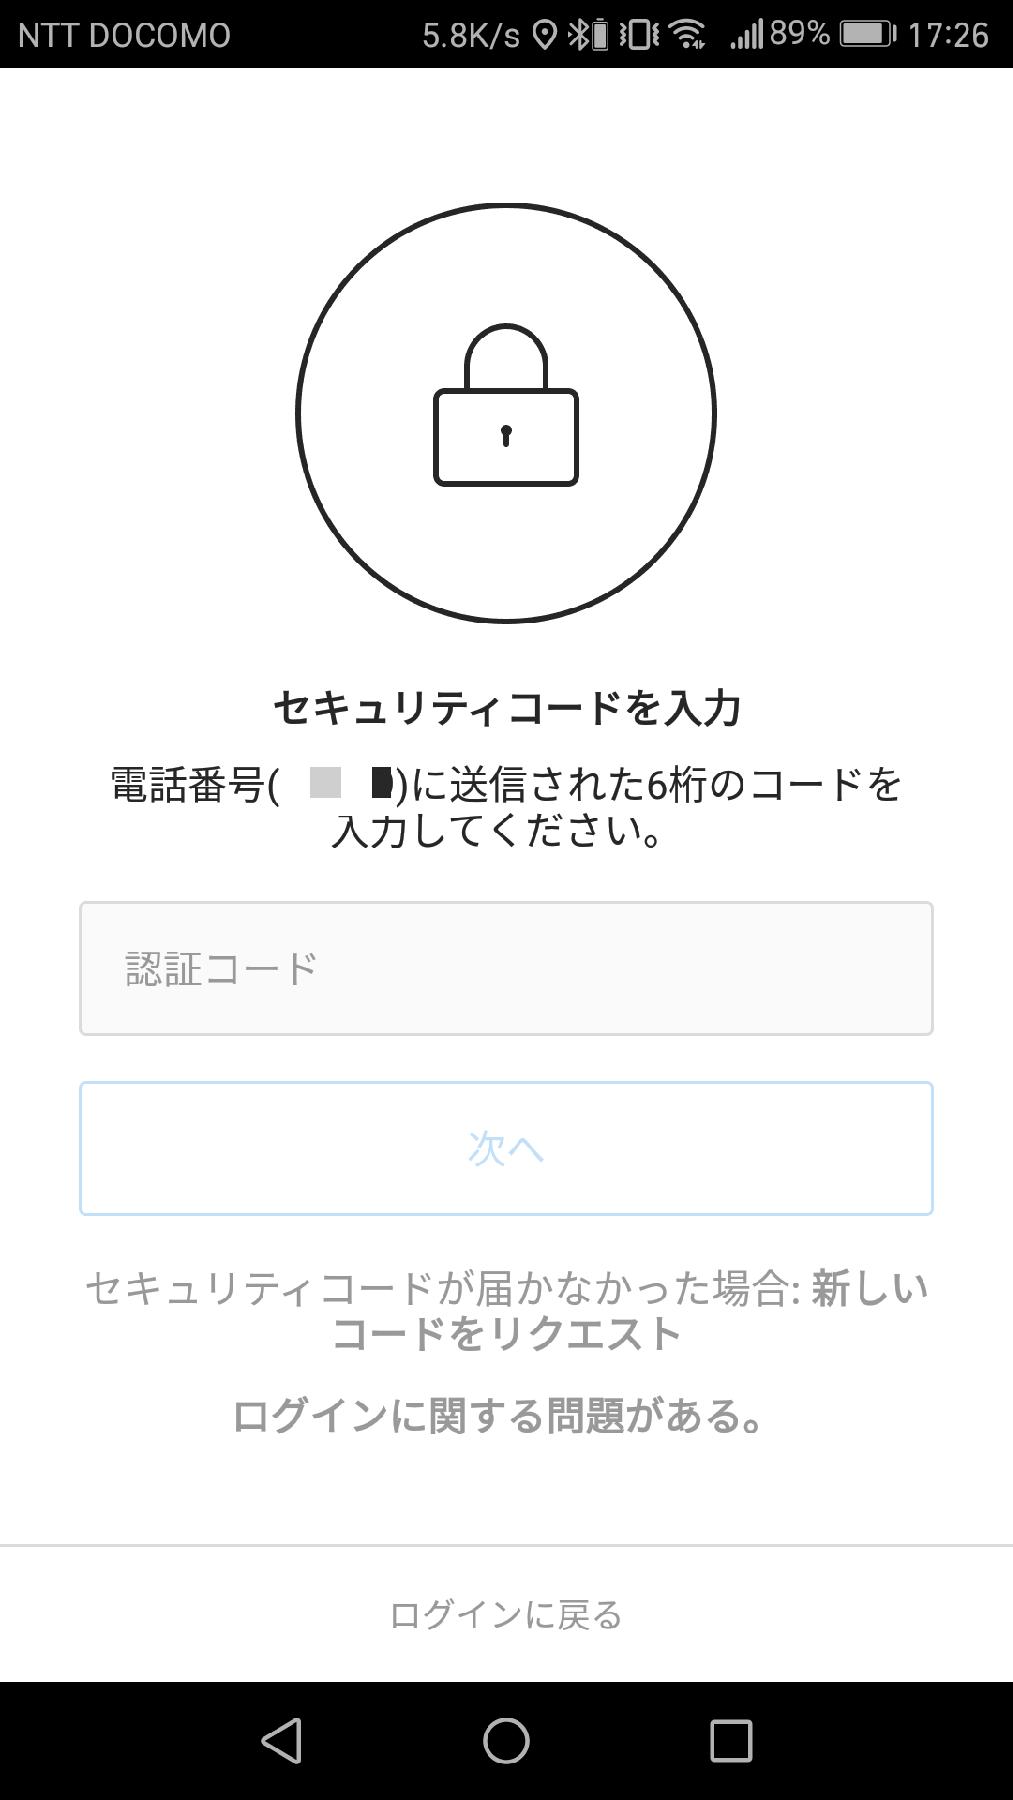 インスタグラムの[バックアップコード]画面